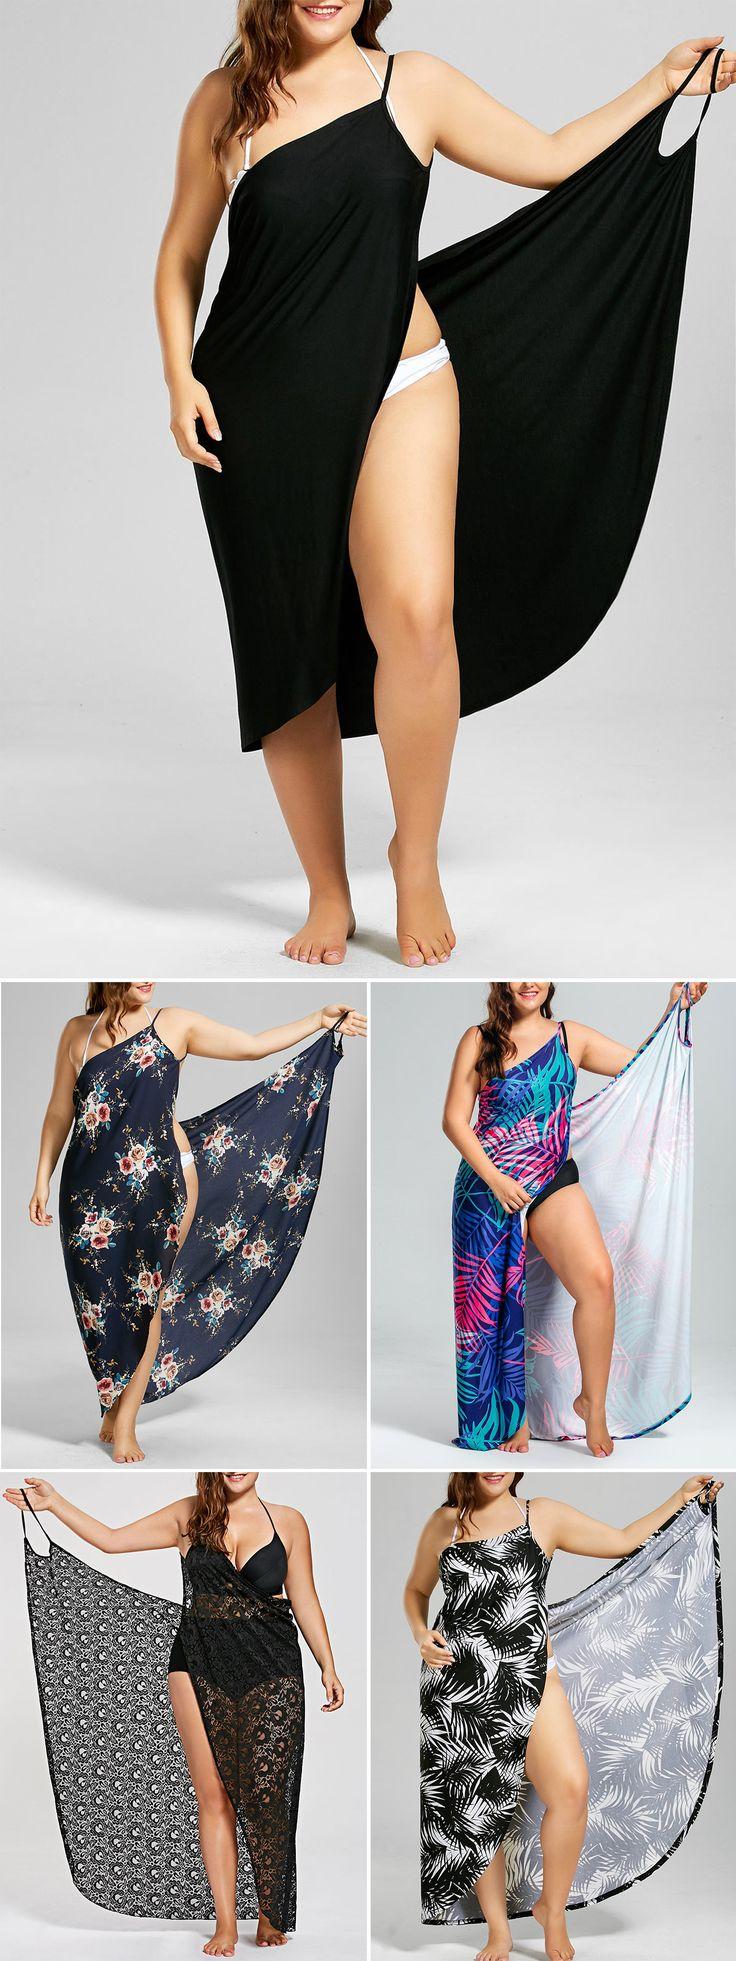 Up to 55% off + Free Shipping | Plus Size Women Swimwear | Twinkledeals.com | #plussize #swimwear #womenfashion